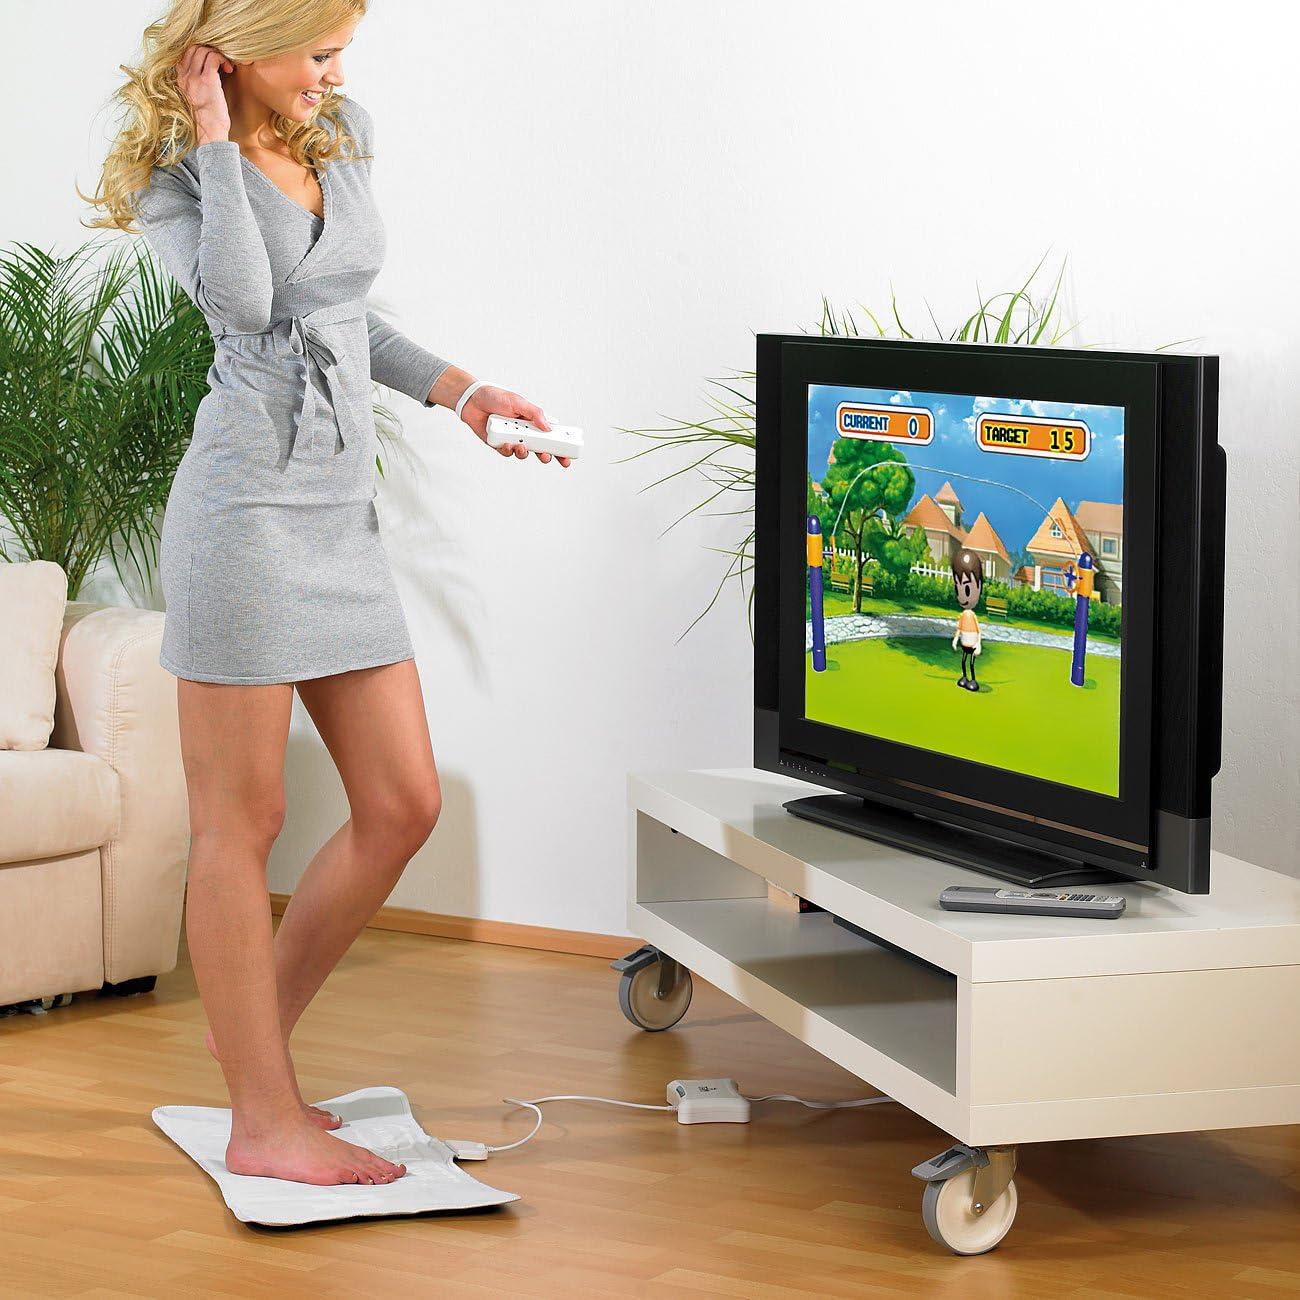 Consola tv-fitness con alfombra y mando: Amazon.es: Videojuegos